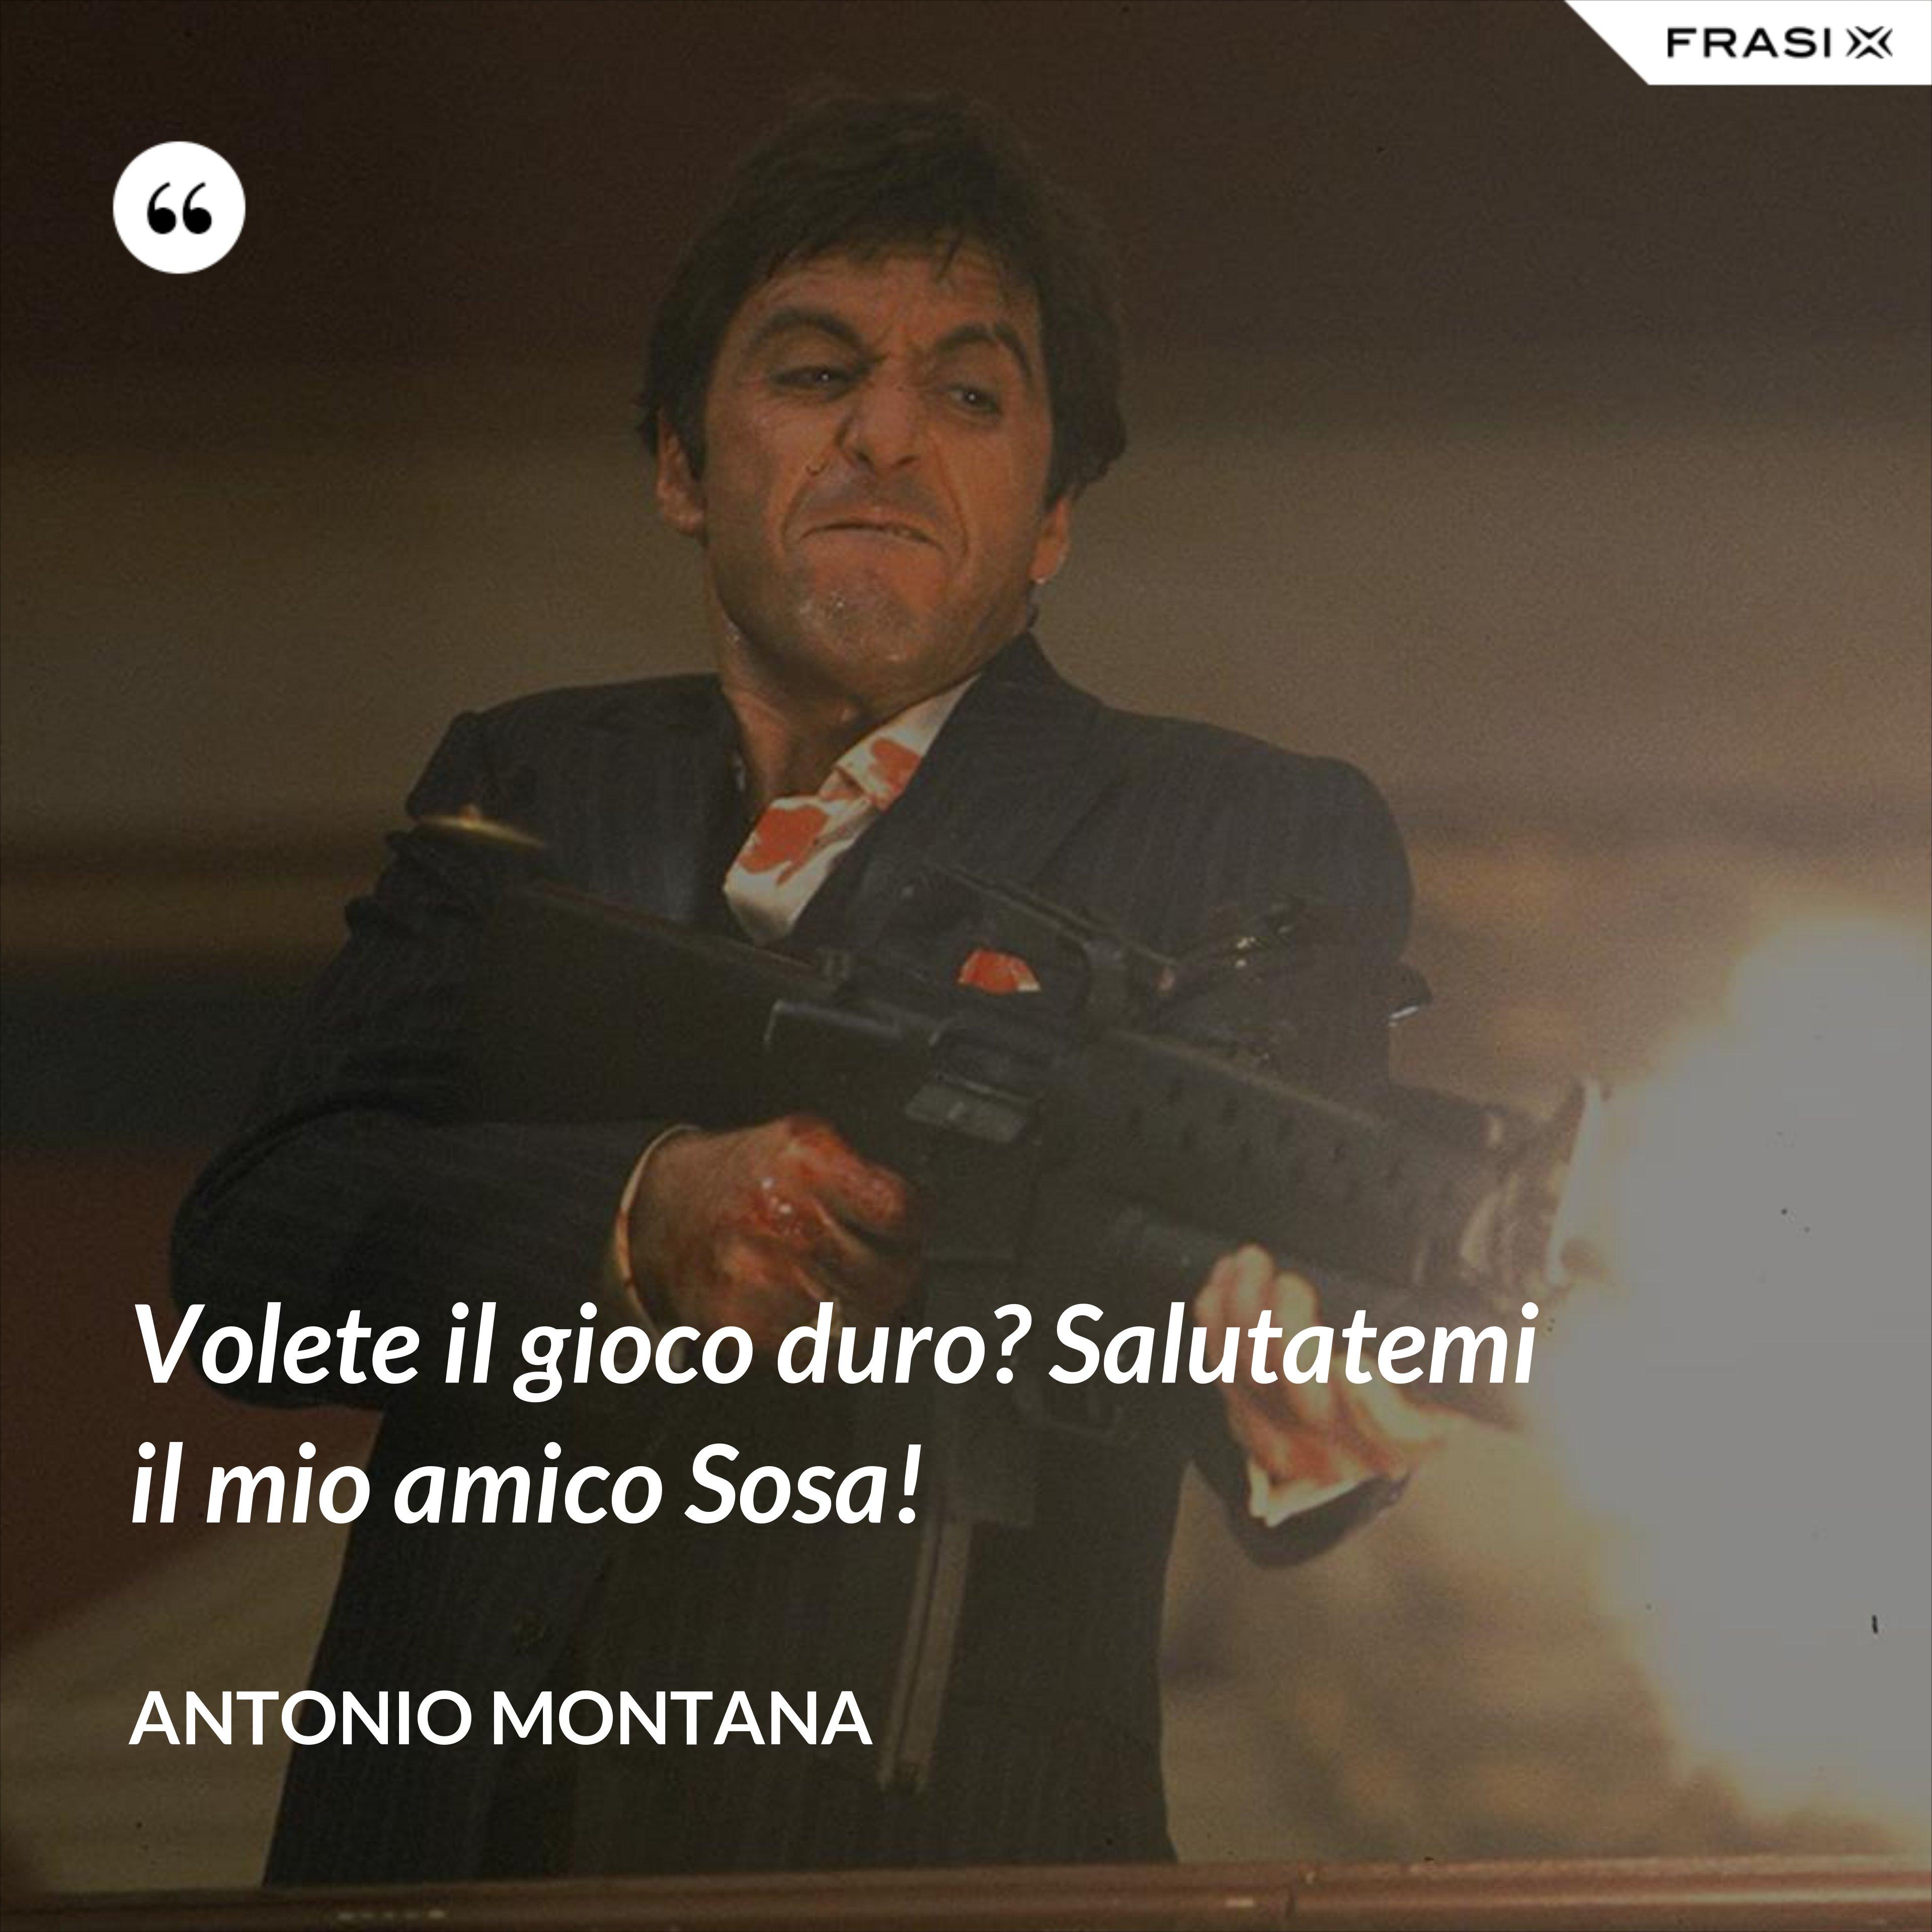 Volete il gioco duro? Salutatemi il mio amico Sosa! - Antonio Montana